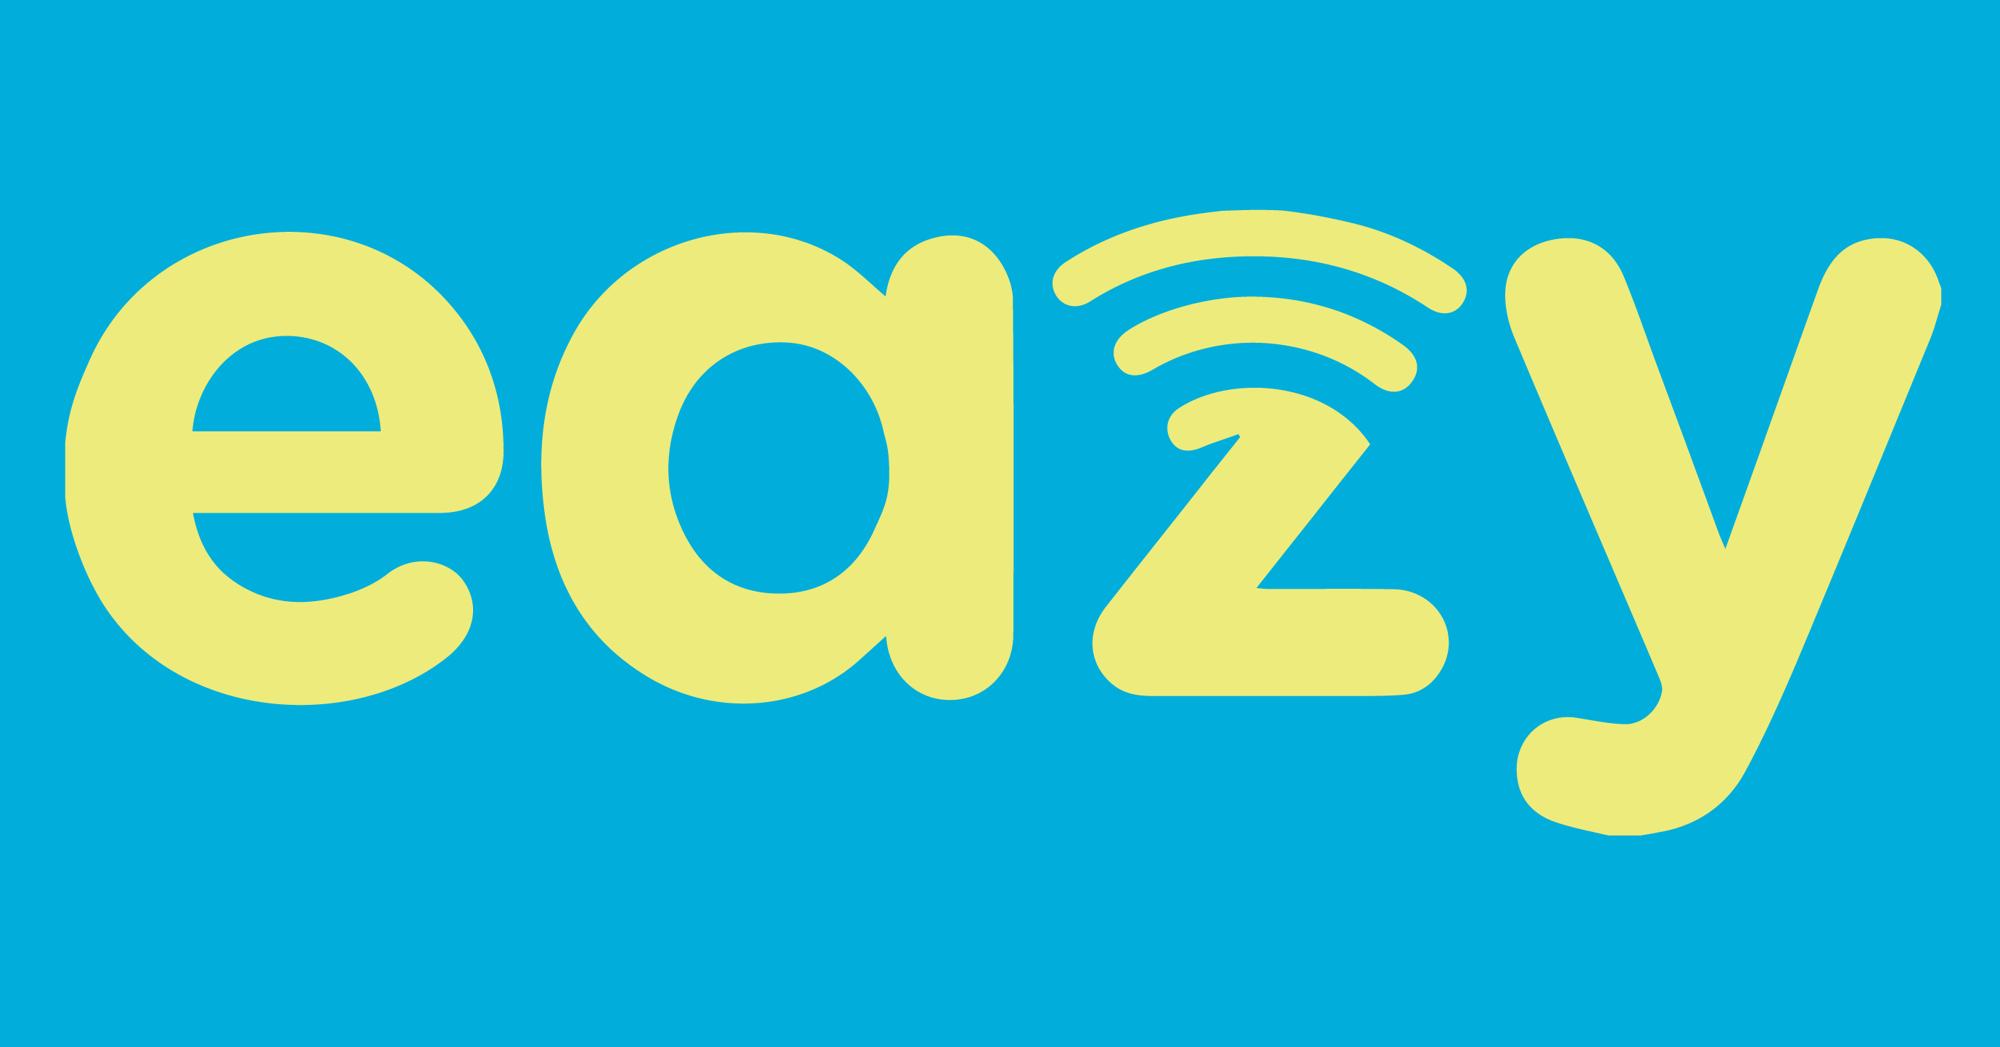 [Studenten] Internetflat eazy20 für 11,99€ mit 40€ Cashback